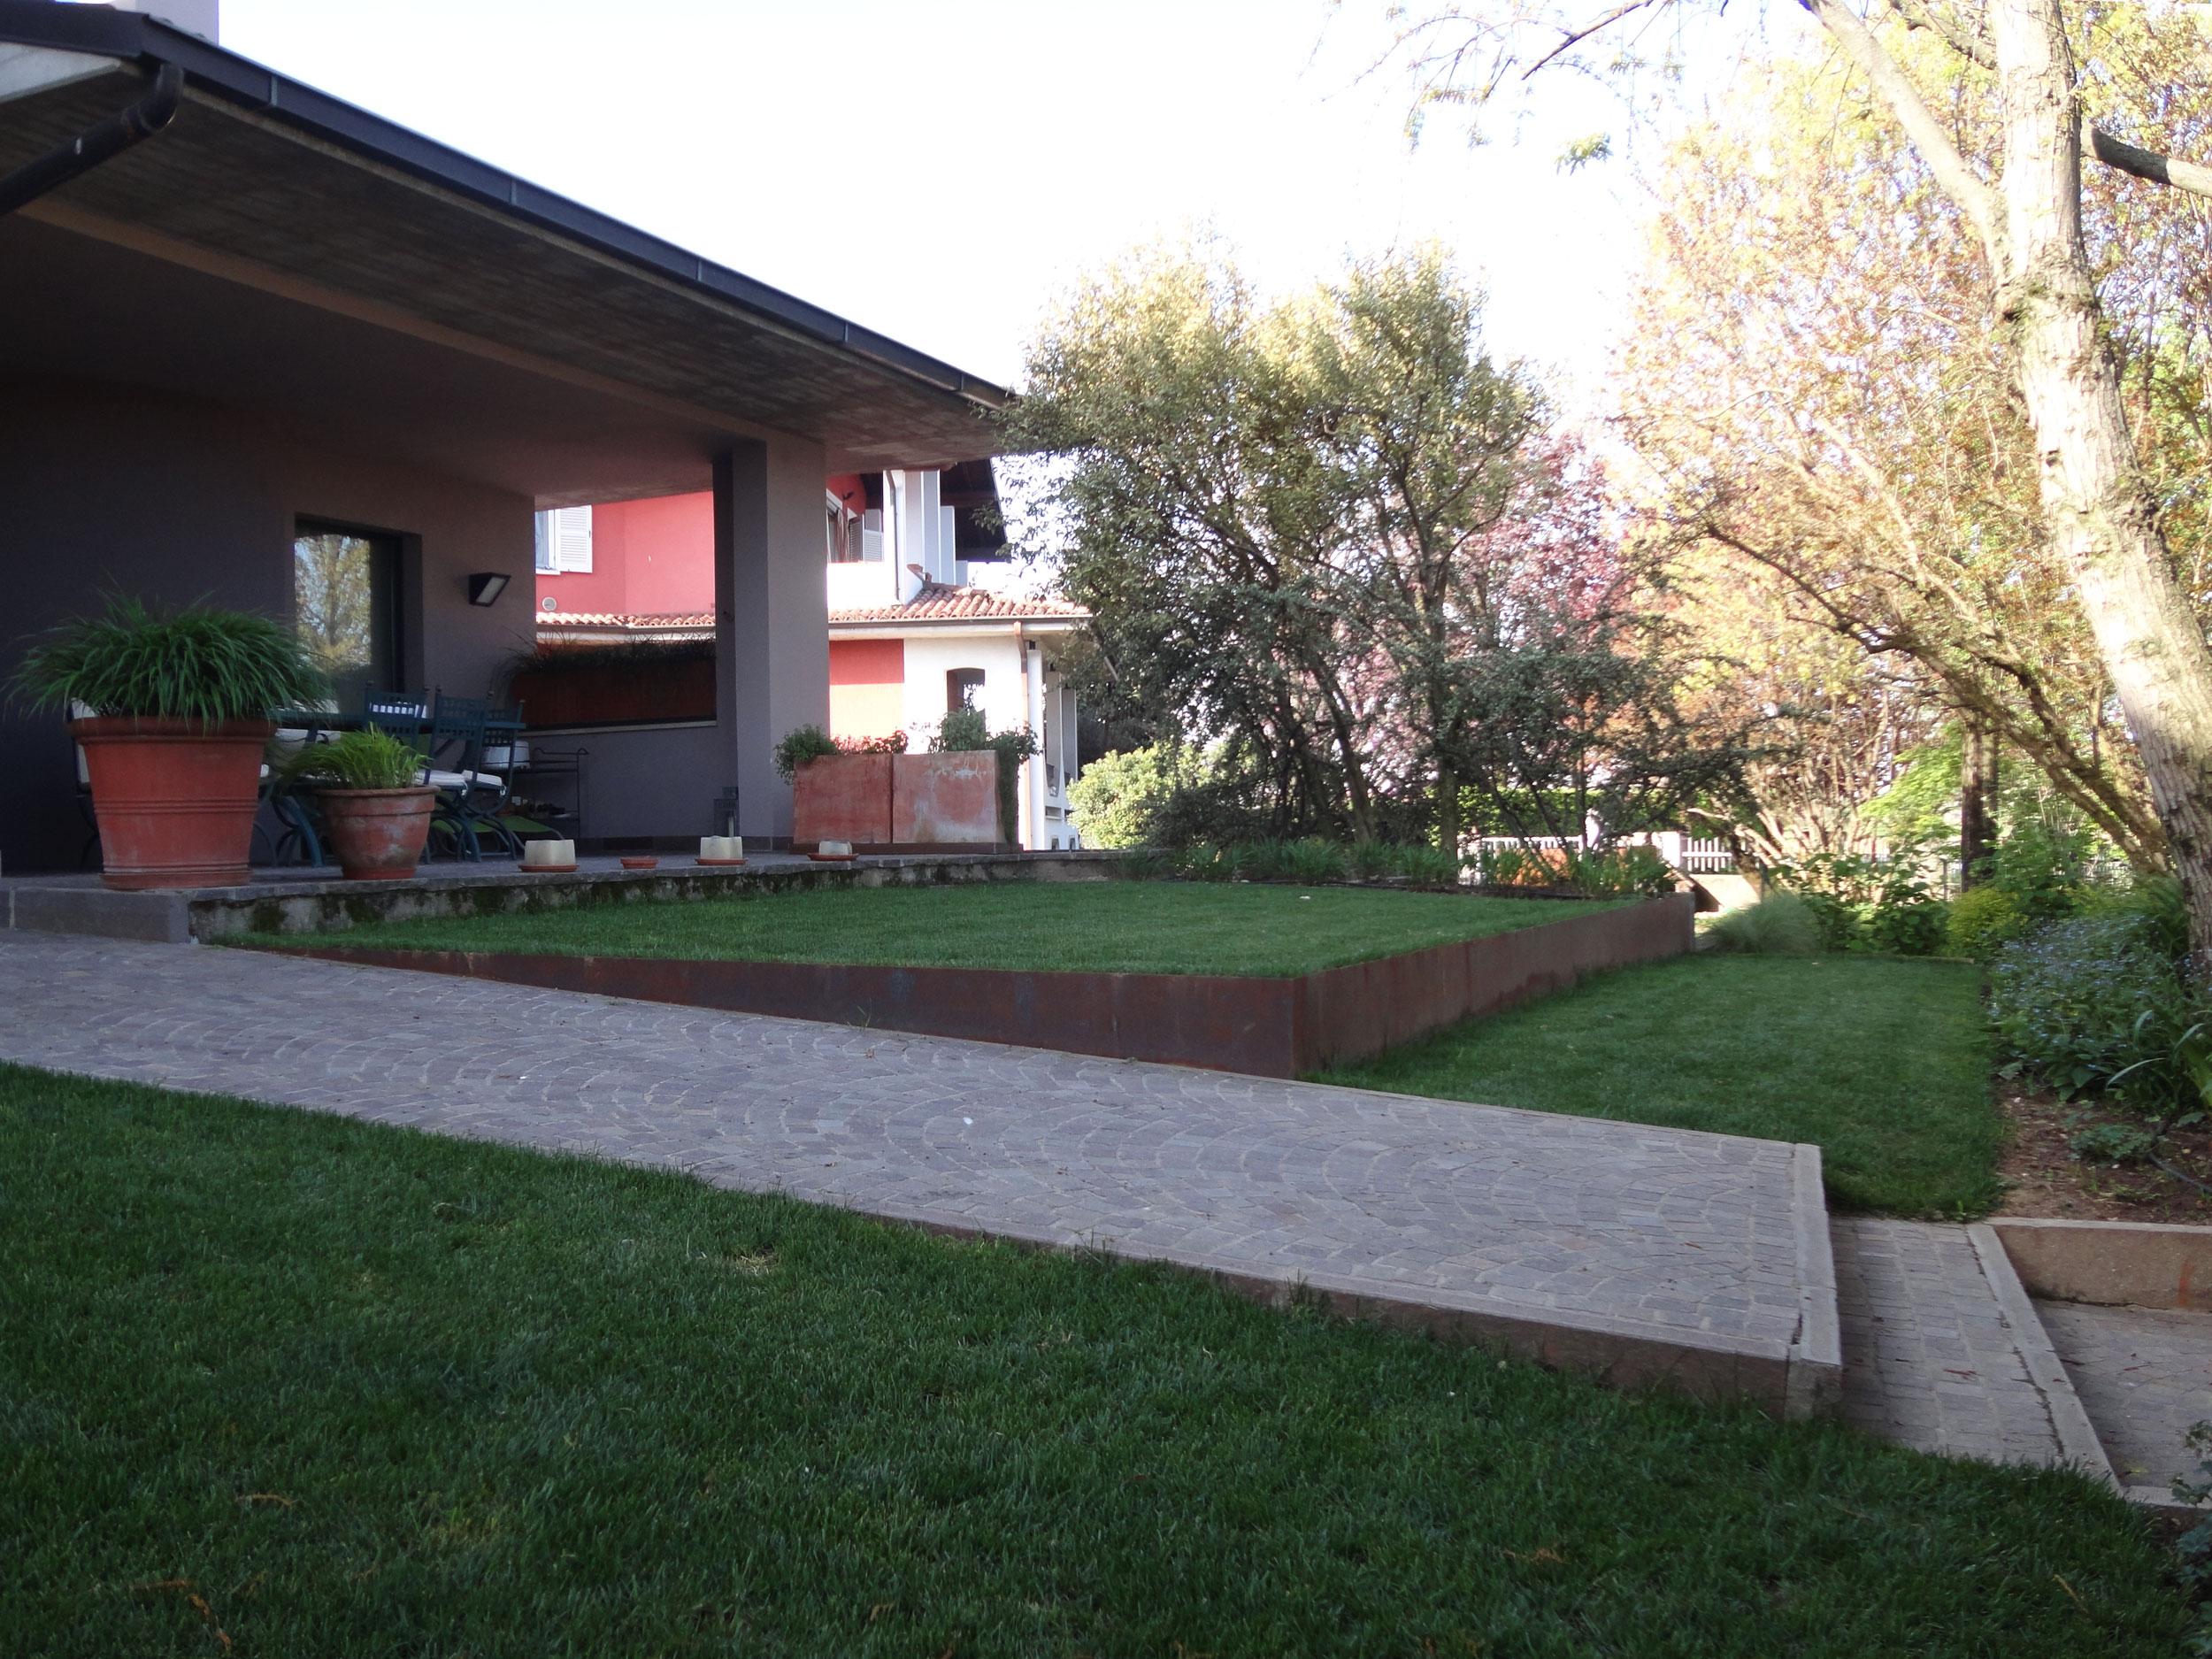 Progettazione giardini privati Brescia | Matite verdi di Simone ...